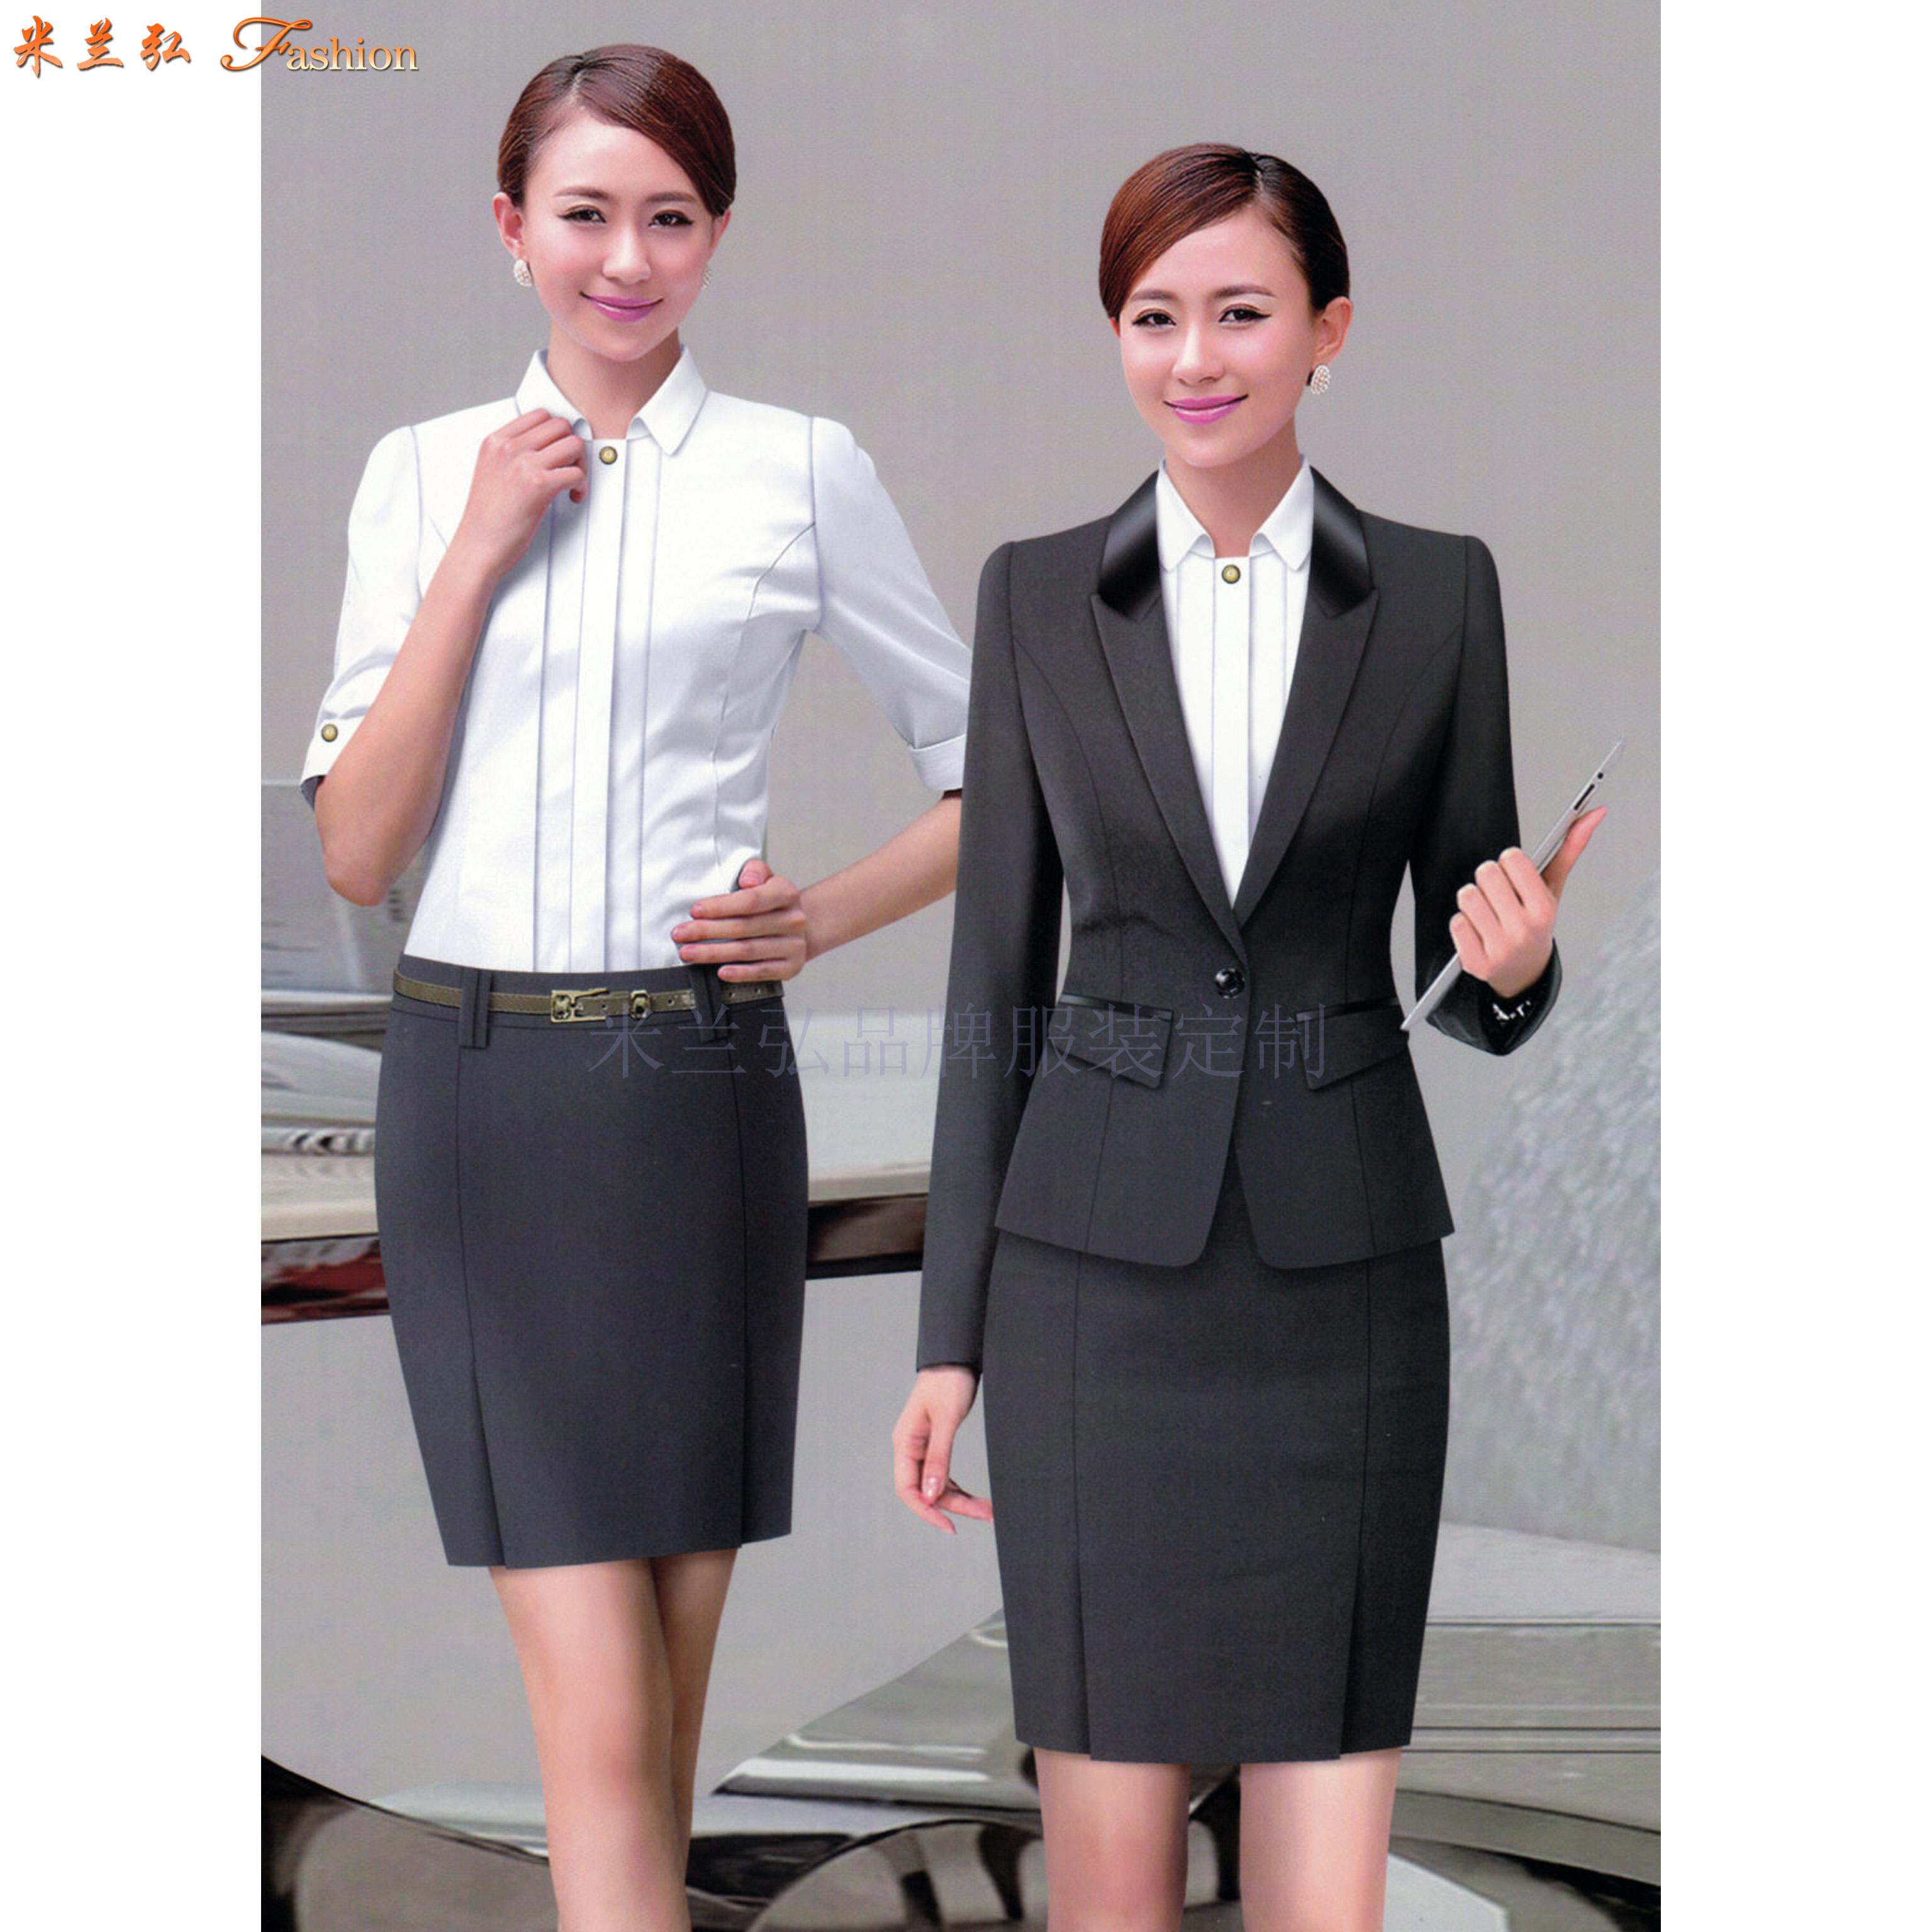 「北京羊毛西服定制」「北京羊毛西服订制」推荐西装笔挺米兰弘服装-4